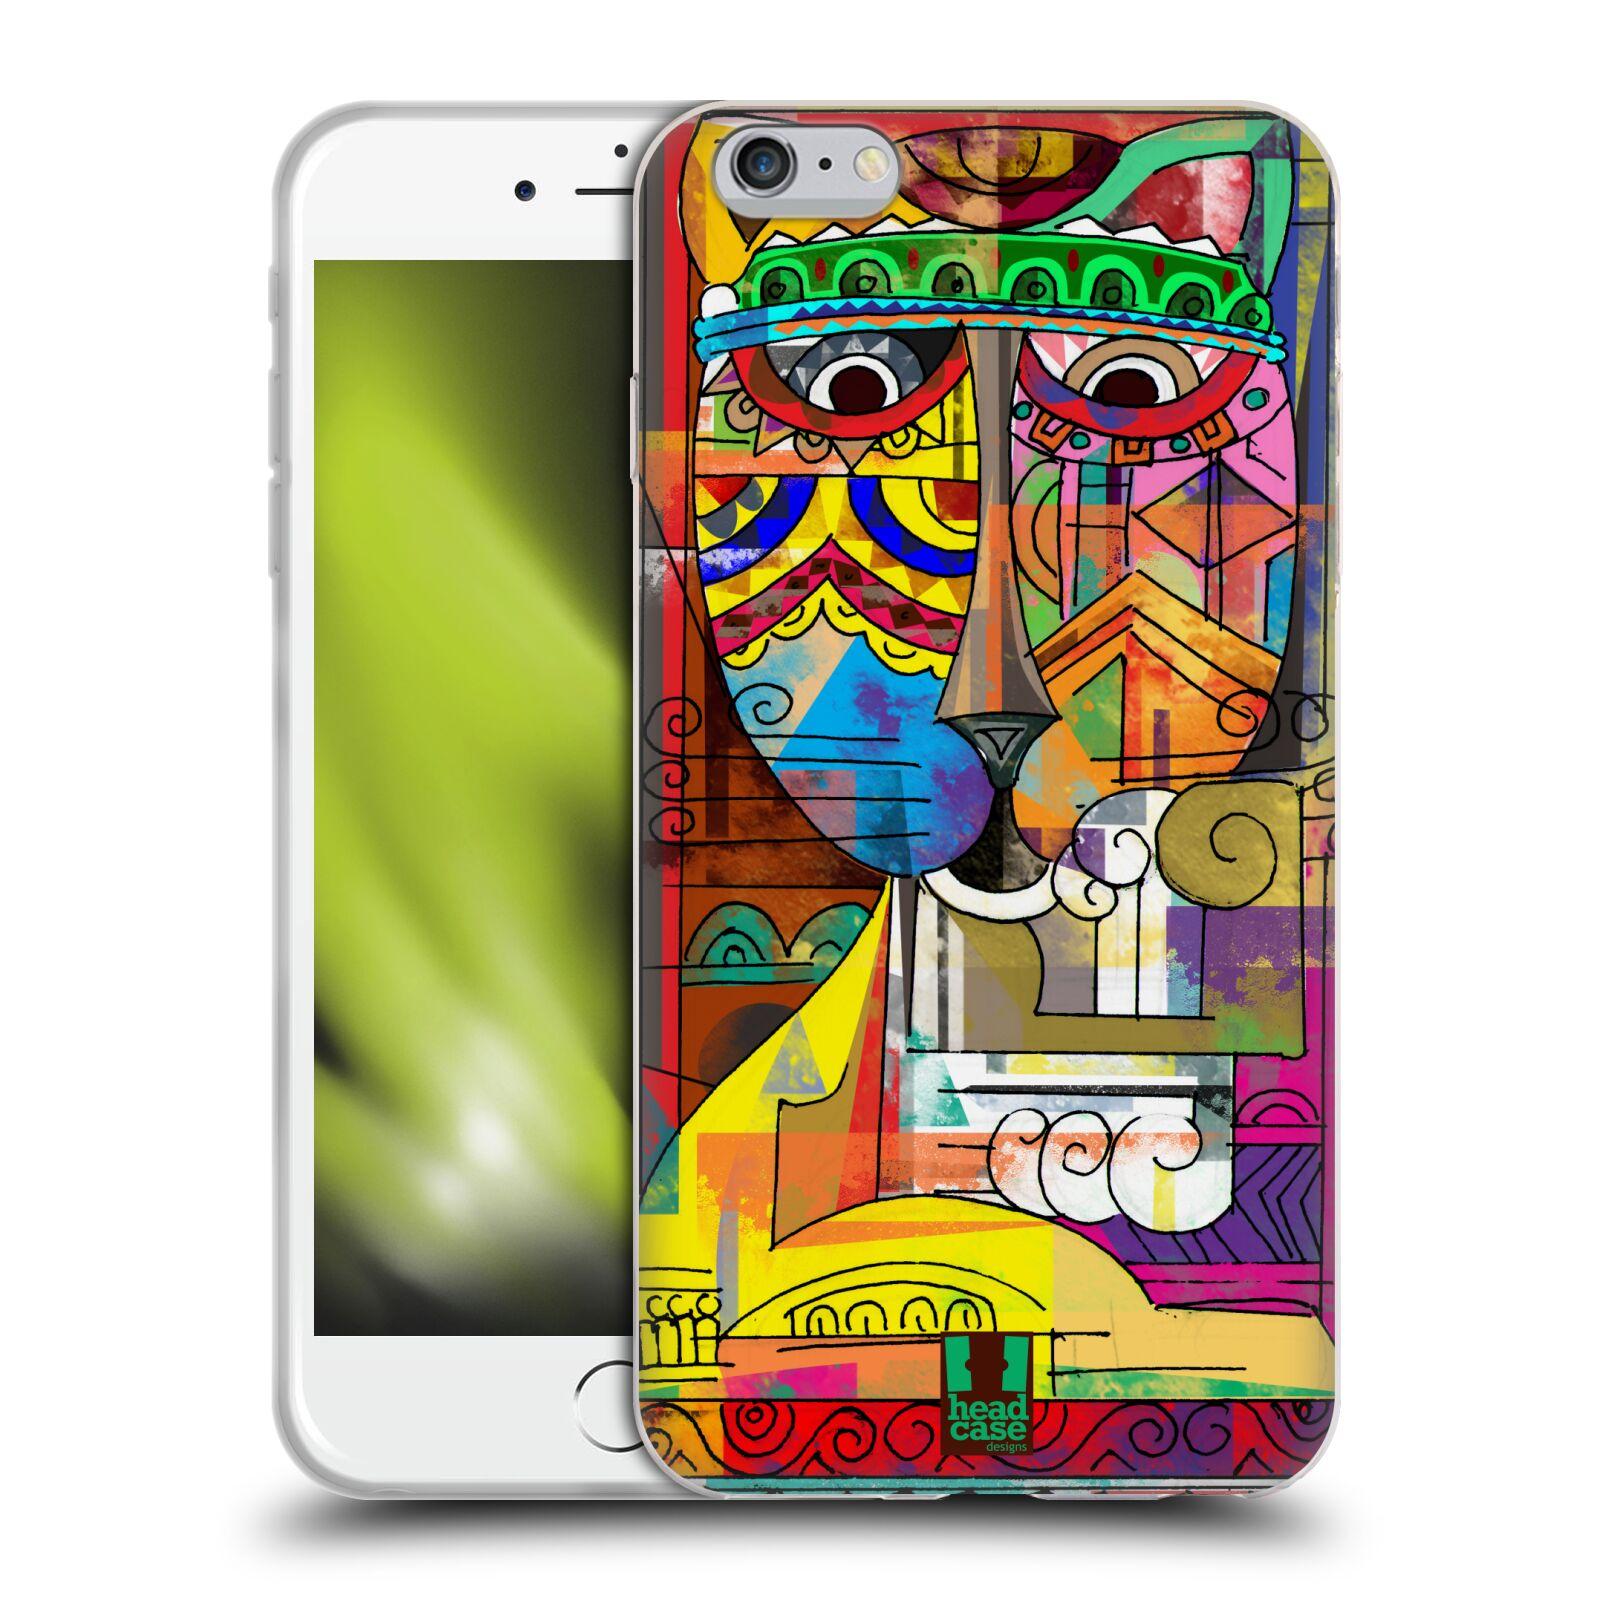 HEAD CASE silikonový obal na mobil Apple Iphone 6 PLUS/ 6S PLUS vzor Aztécký vzor abstrakce kočka SIAMSKÁ